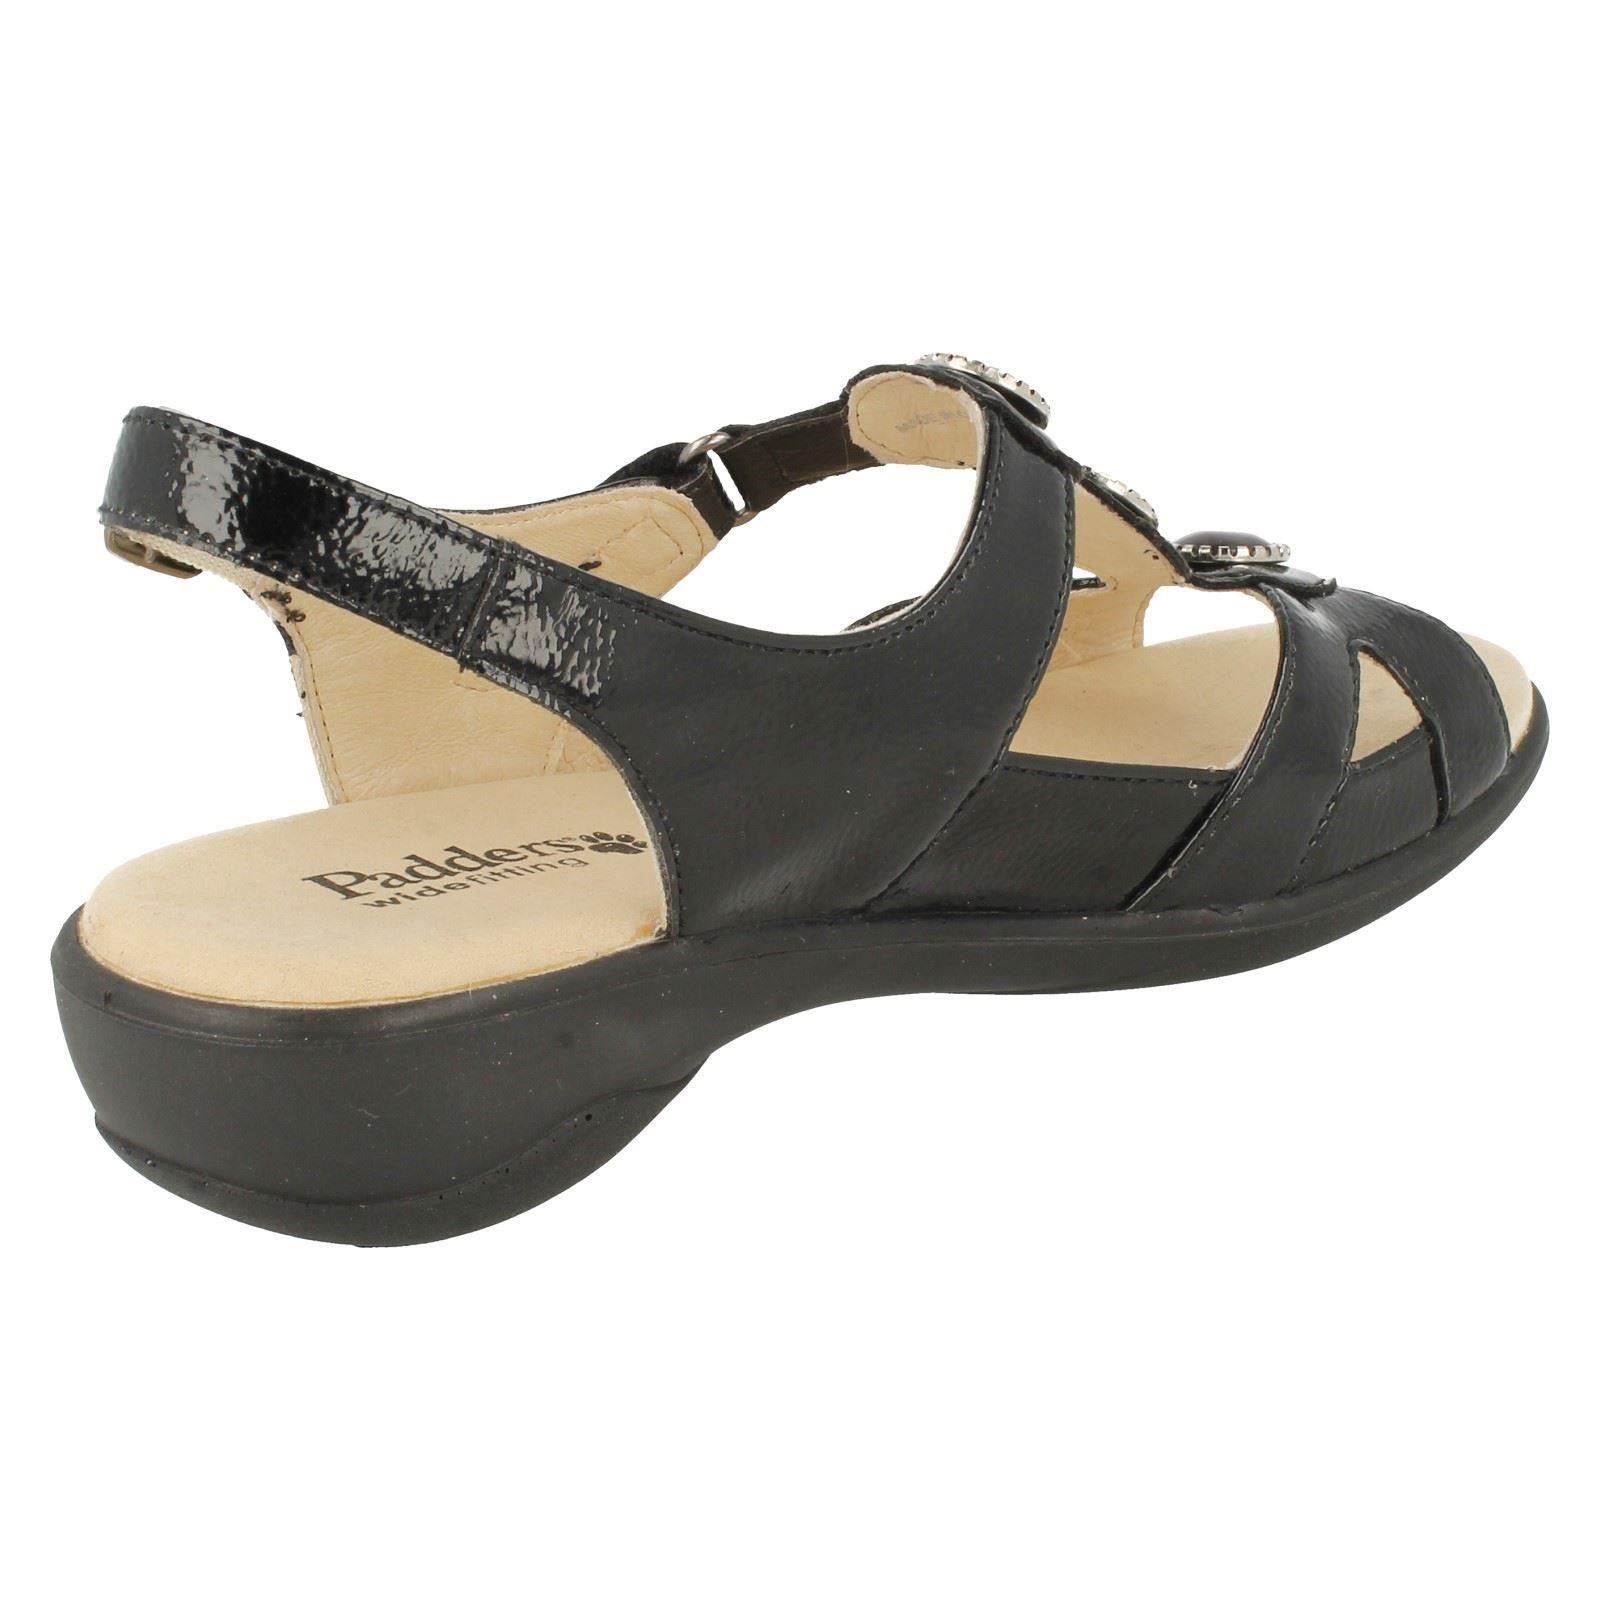 Damas Padders amplia correa trasera abierta de montaje Sandalias 'Precioso's